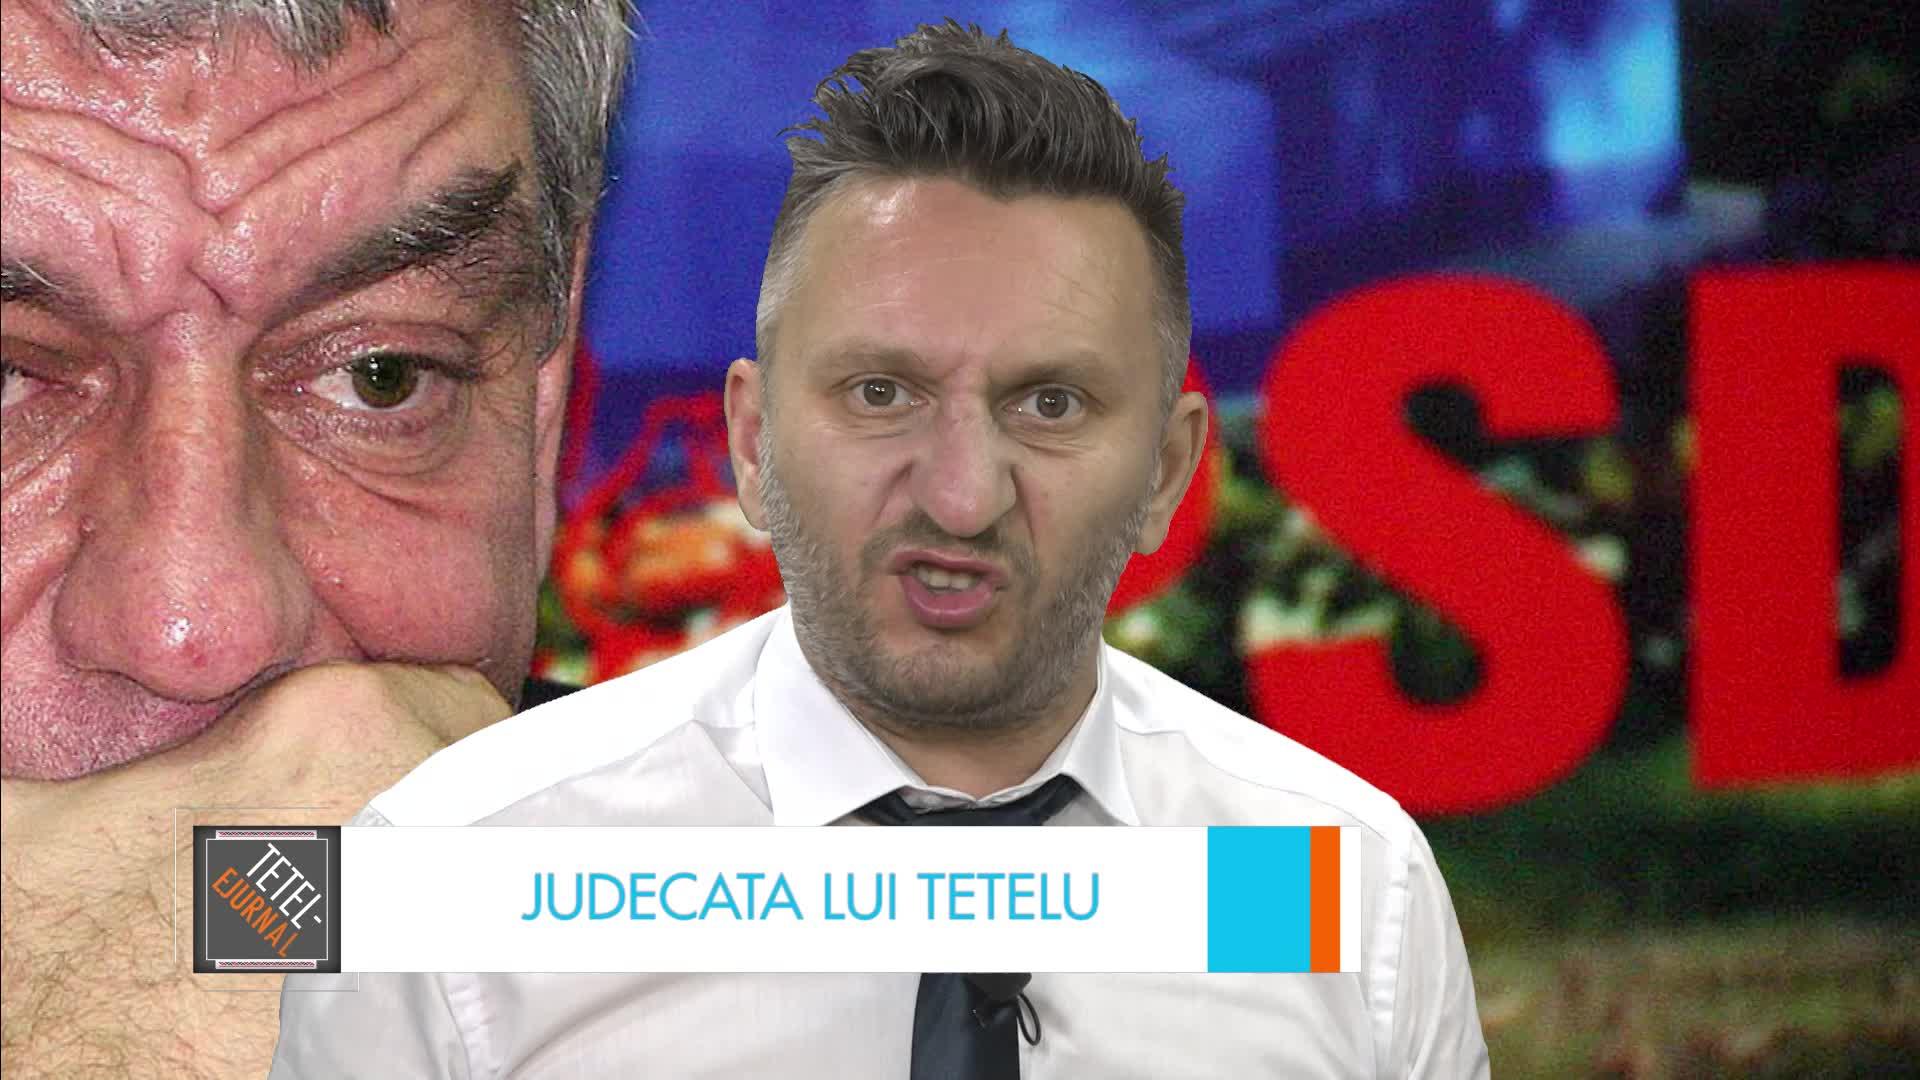 Judecata lui Tetelu: Cum să fie prim ministrul